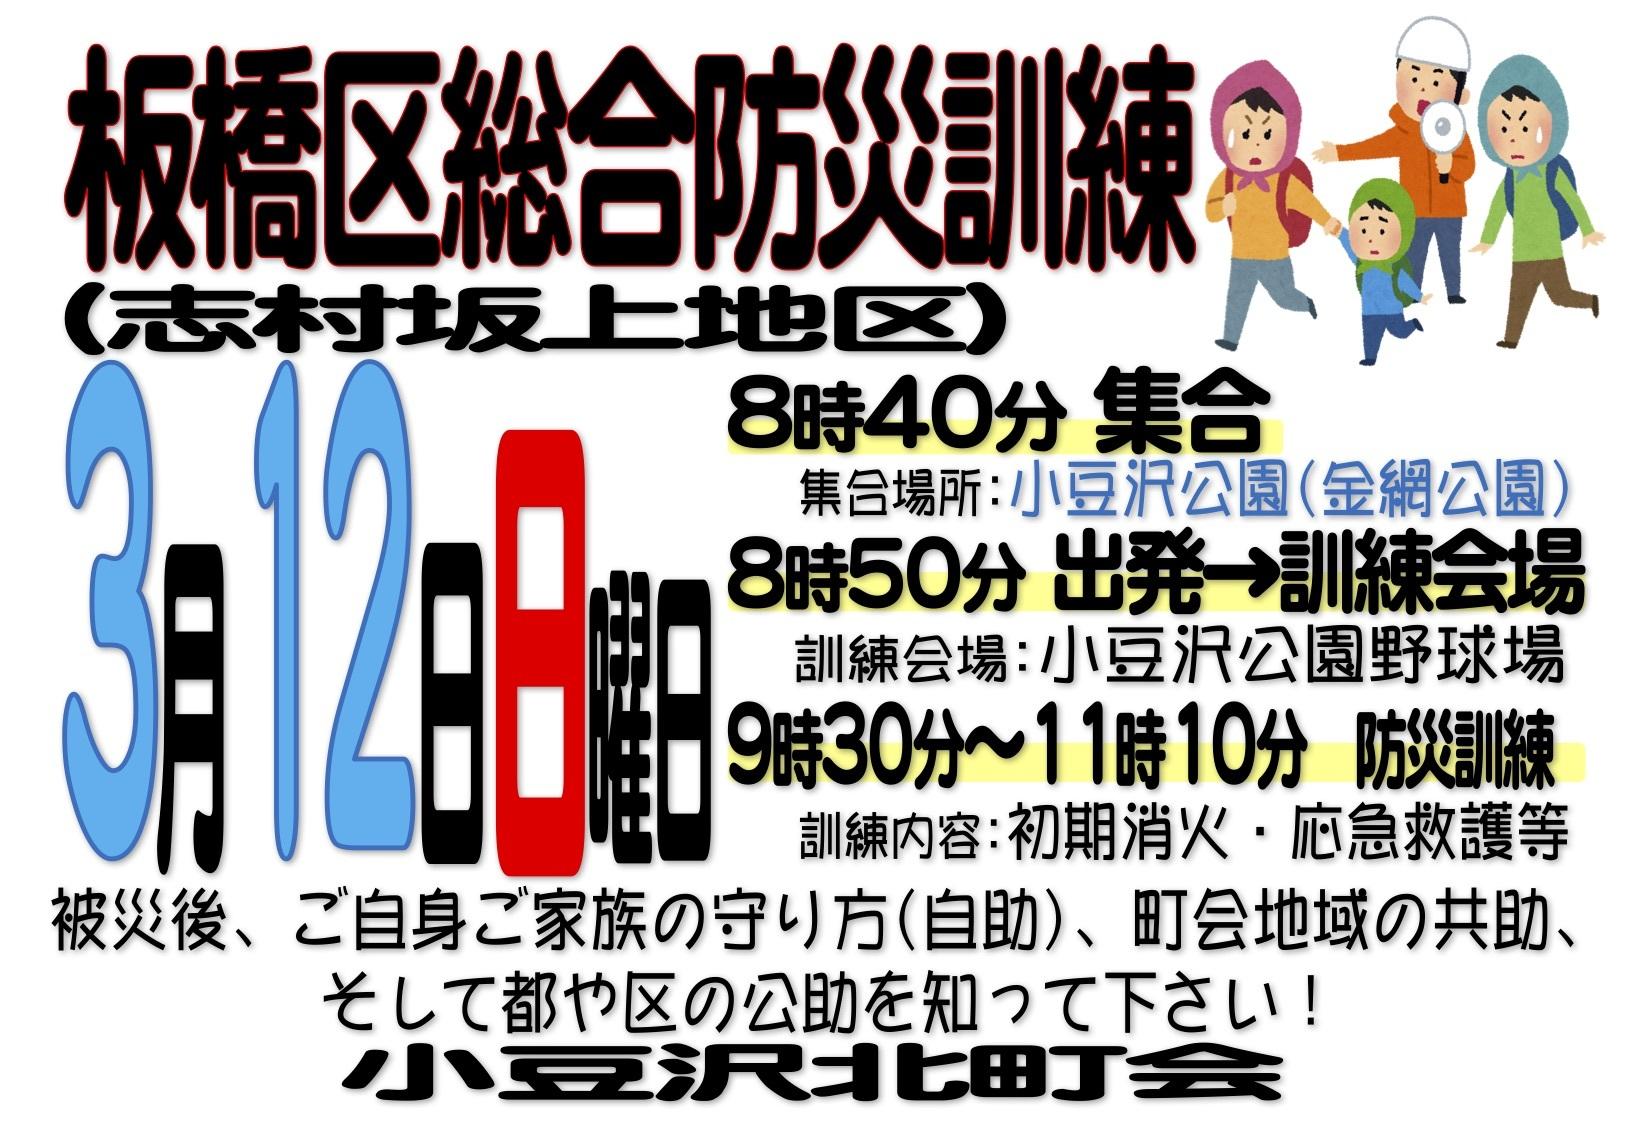 2017年3月12日(日)総合防災訓練